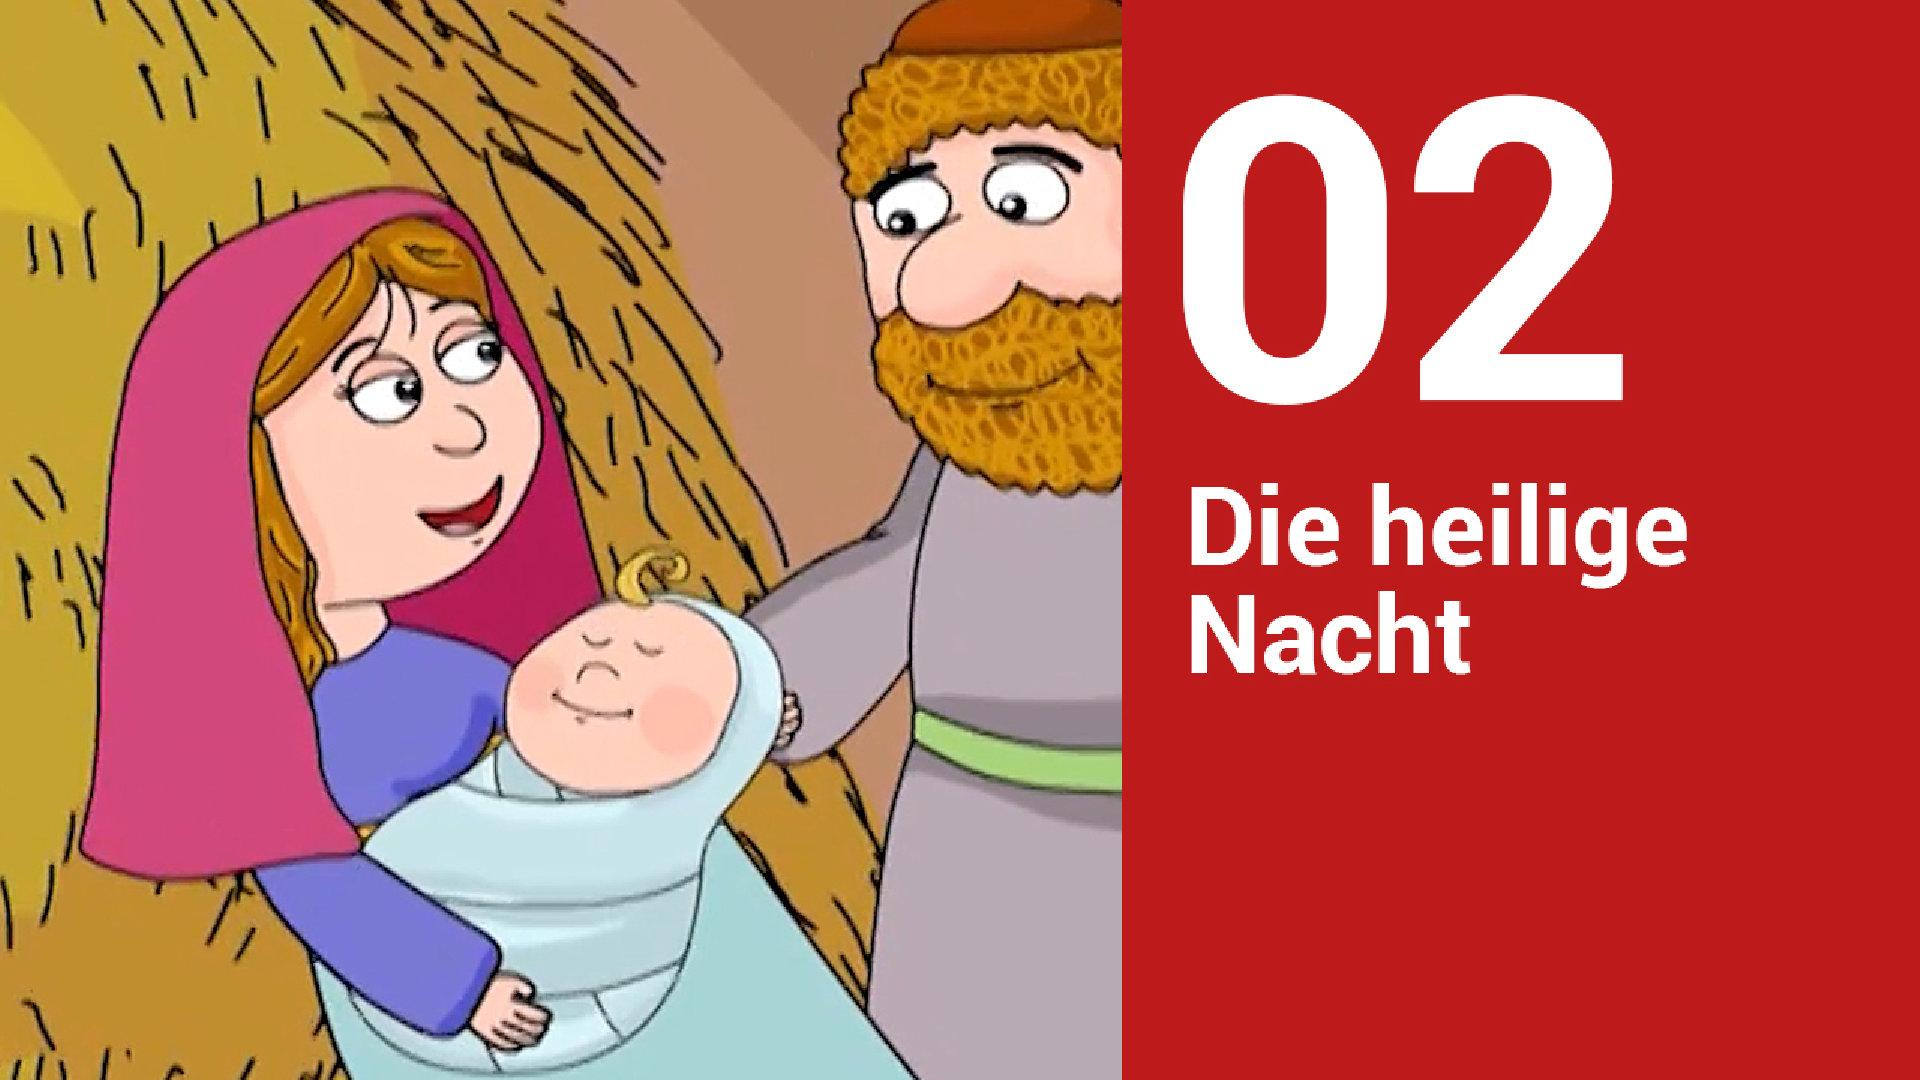 Die Weihnachtsgeschichte Für Kinder Erzählt - Katholisch.de bestimmt für Weihnachtsgeschichte Bibel Für Kindergartenkinder